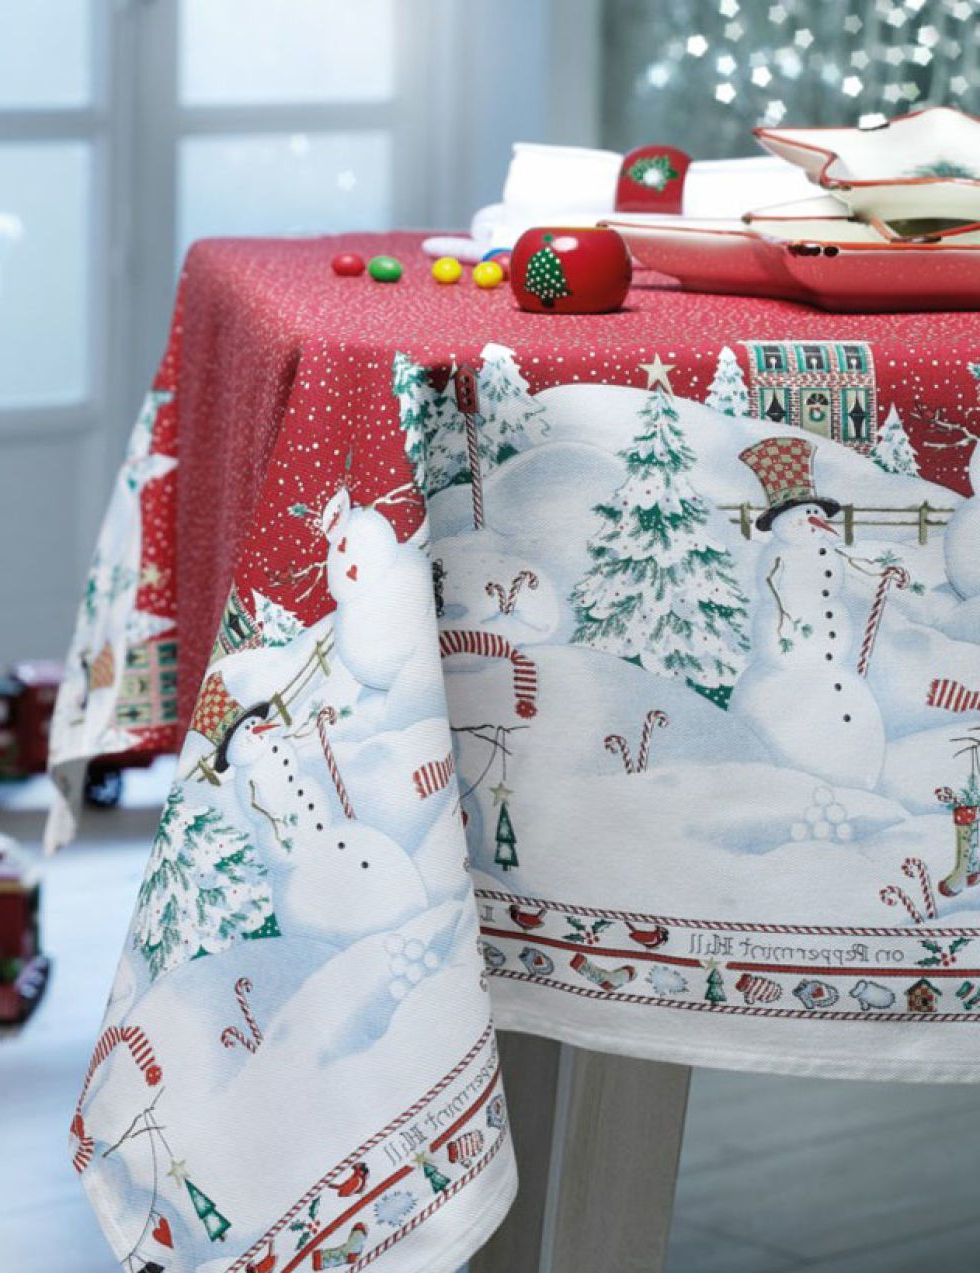 Manteles De Navidad El Corte Ingles Qwdq De Quà Color Quieres Que Sea Tu Navidad